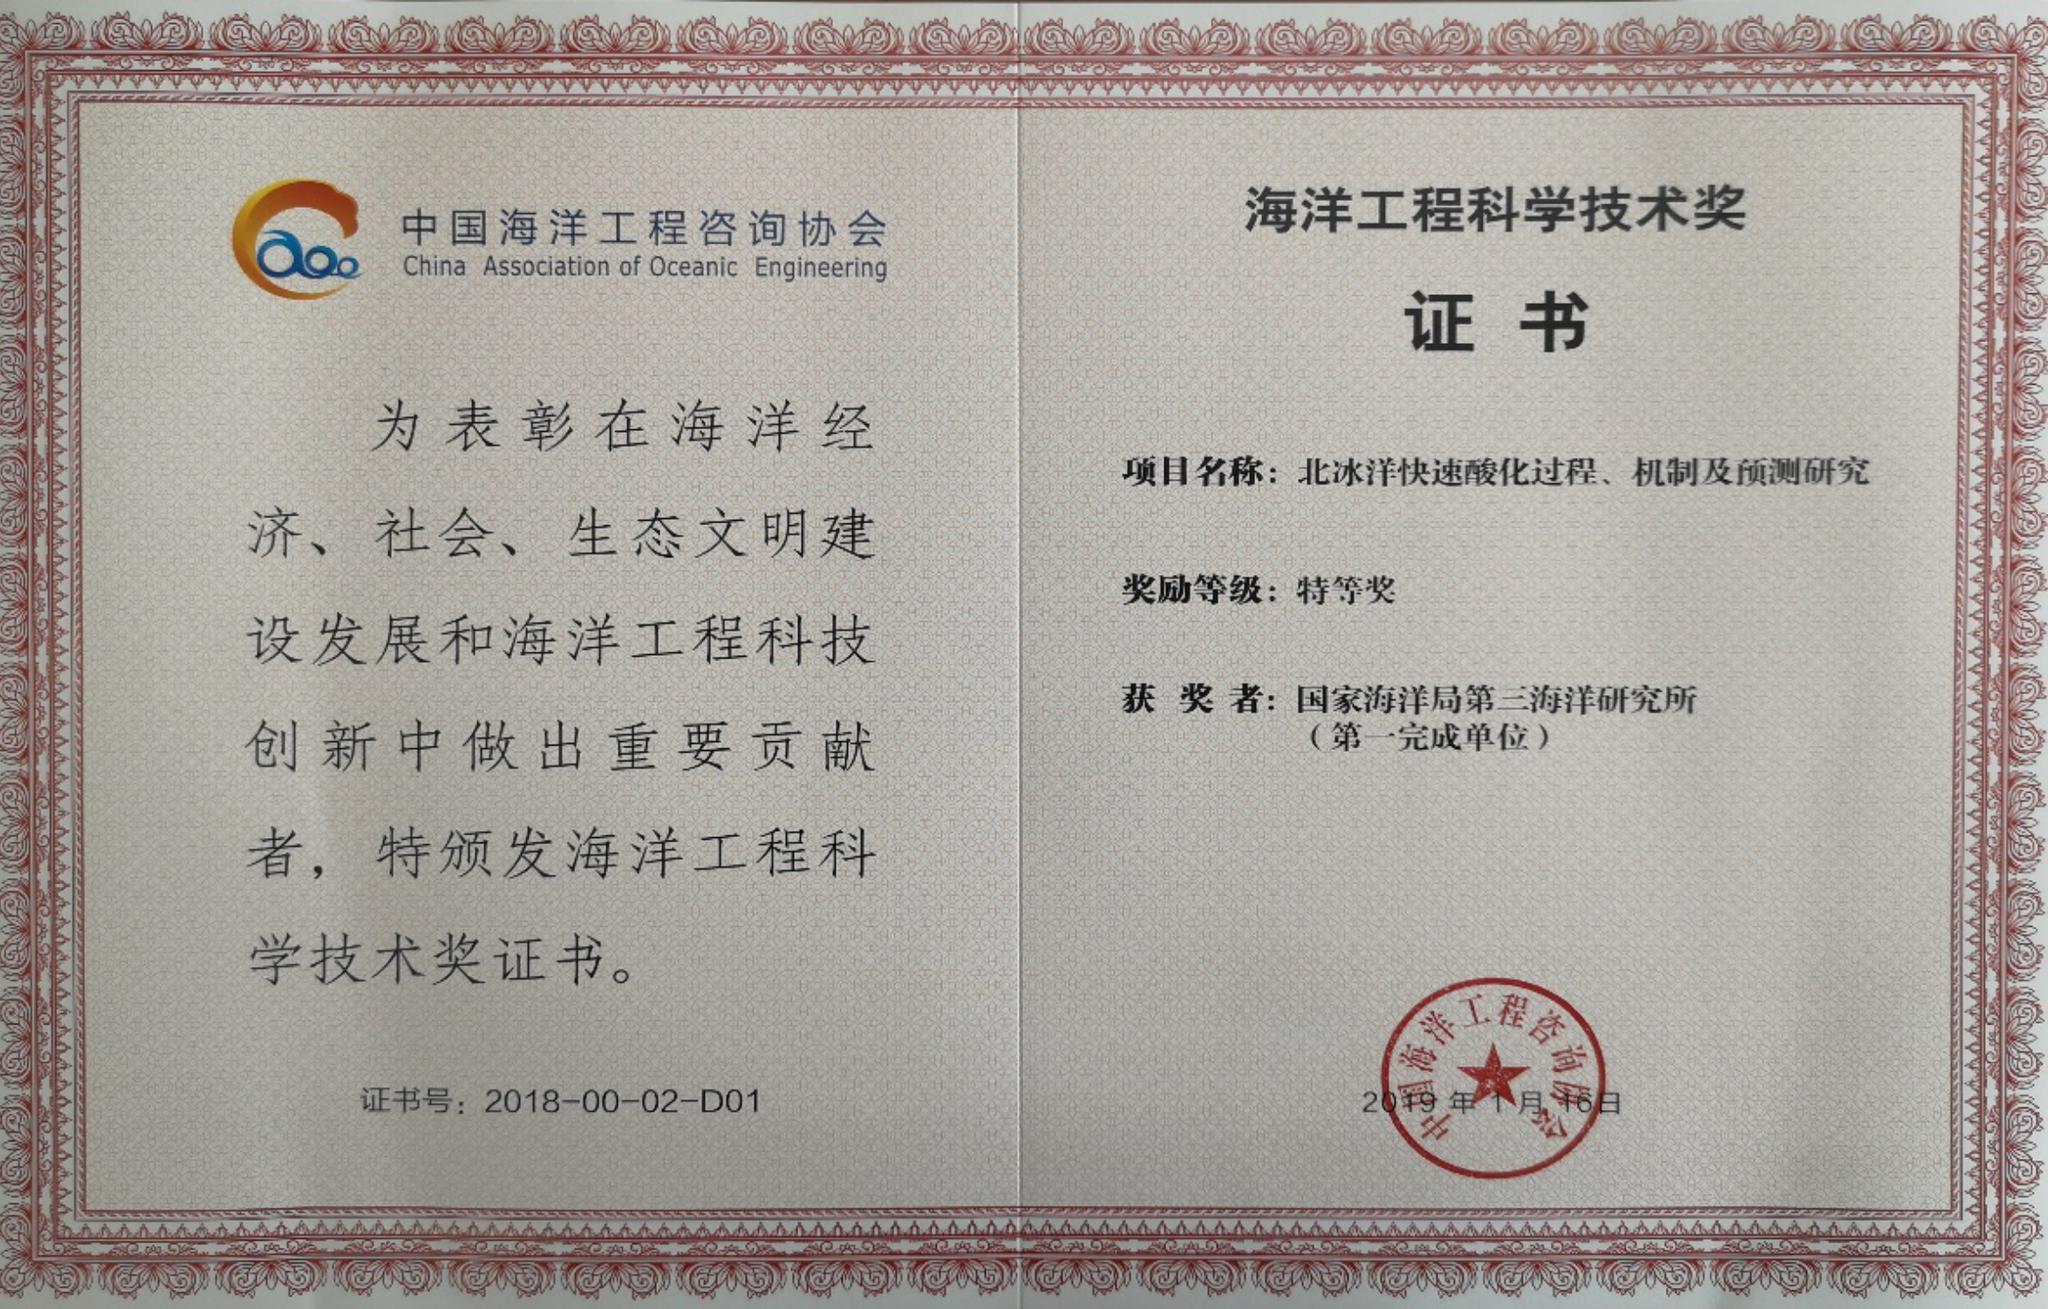 海洋三所陈立奇团队获2018年度《海洋工程科学技术奖》特等奖